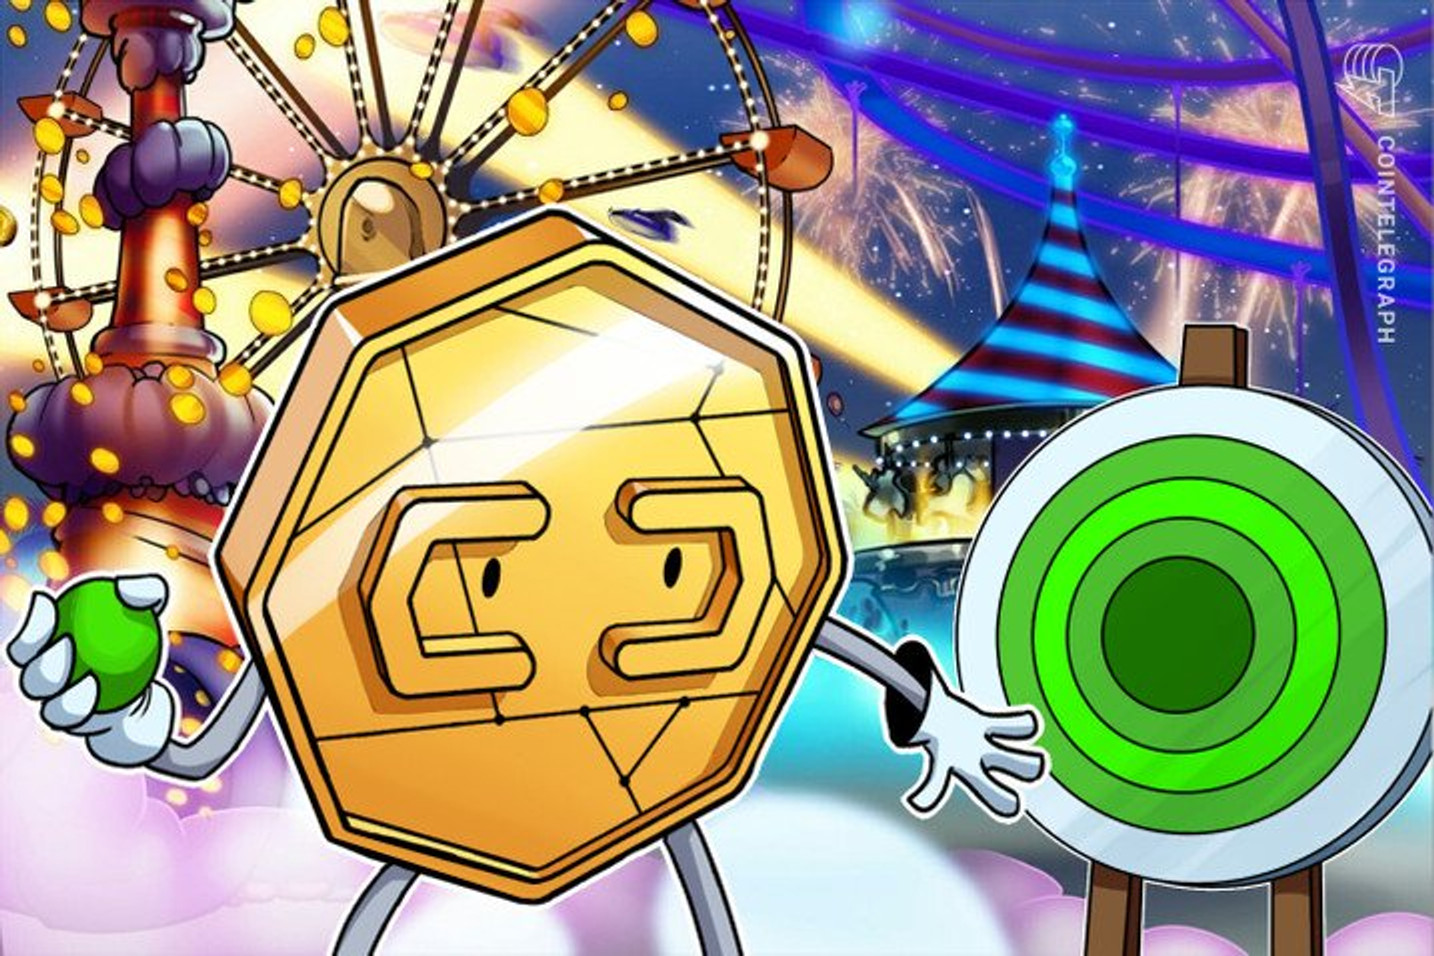 Bitcoin supera novamente US$ 10 mil e mantém expectativa de alta no curto prazo